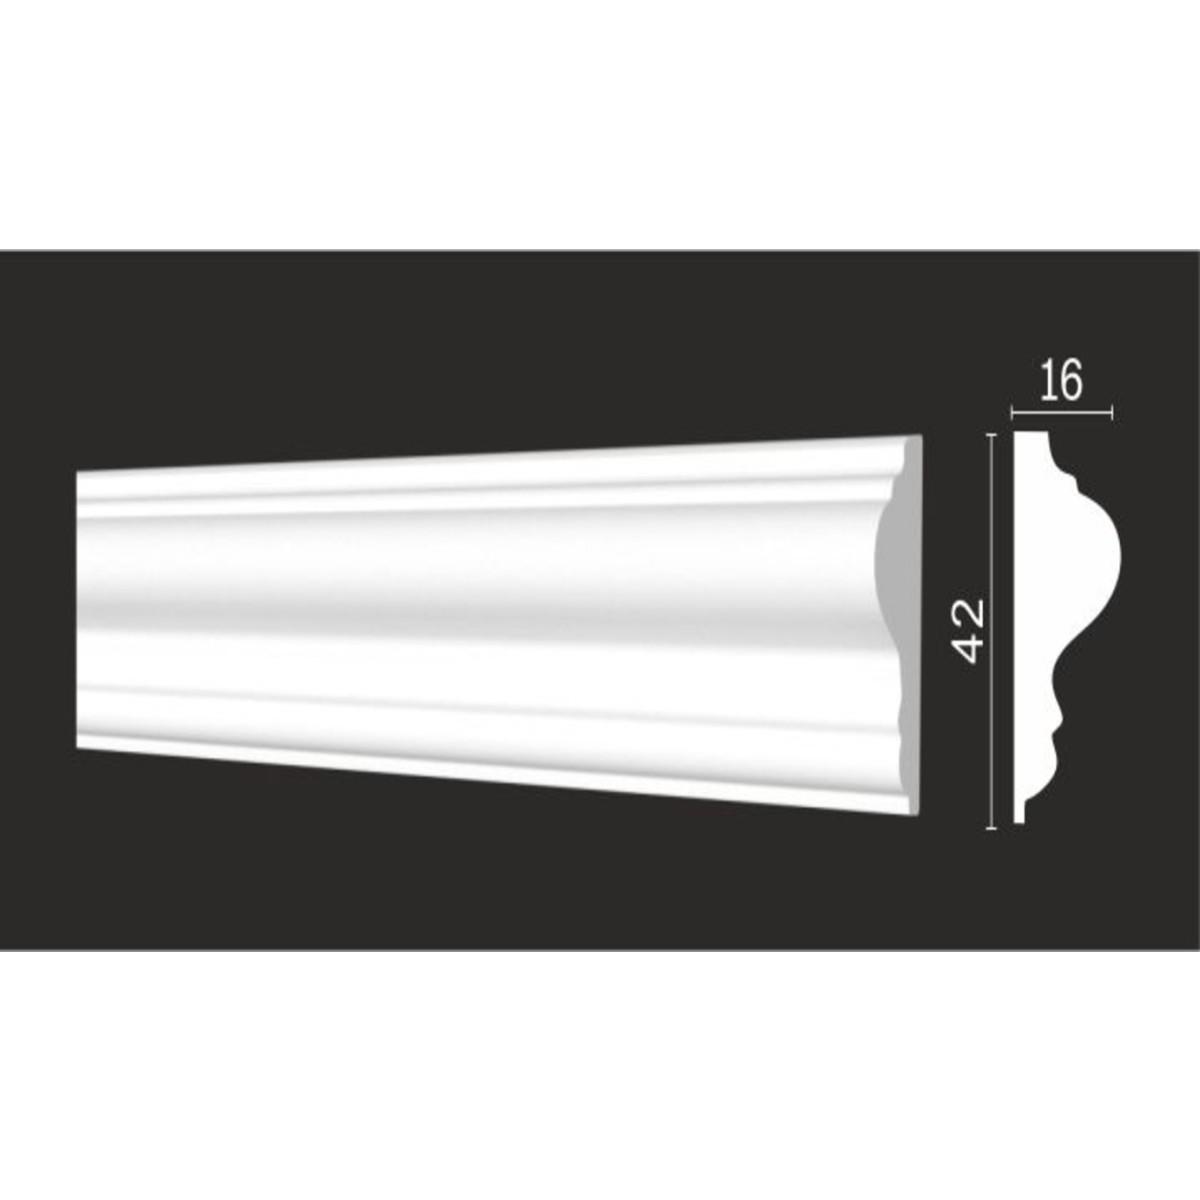 Молдинг стеновой Decor-Dizayn DD301 16х200 см дюропласт